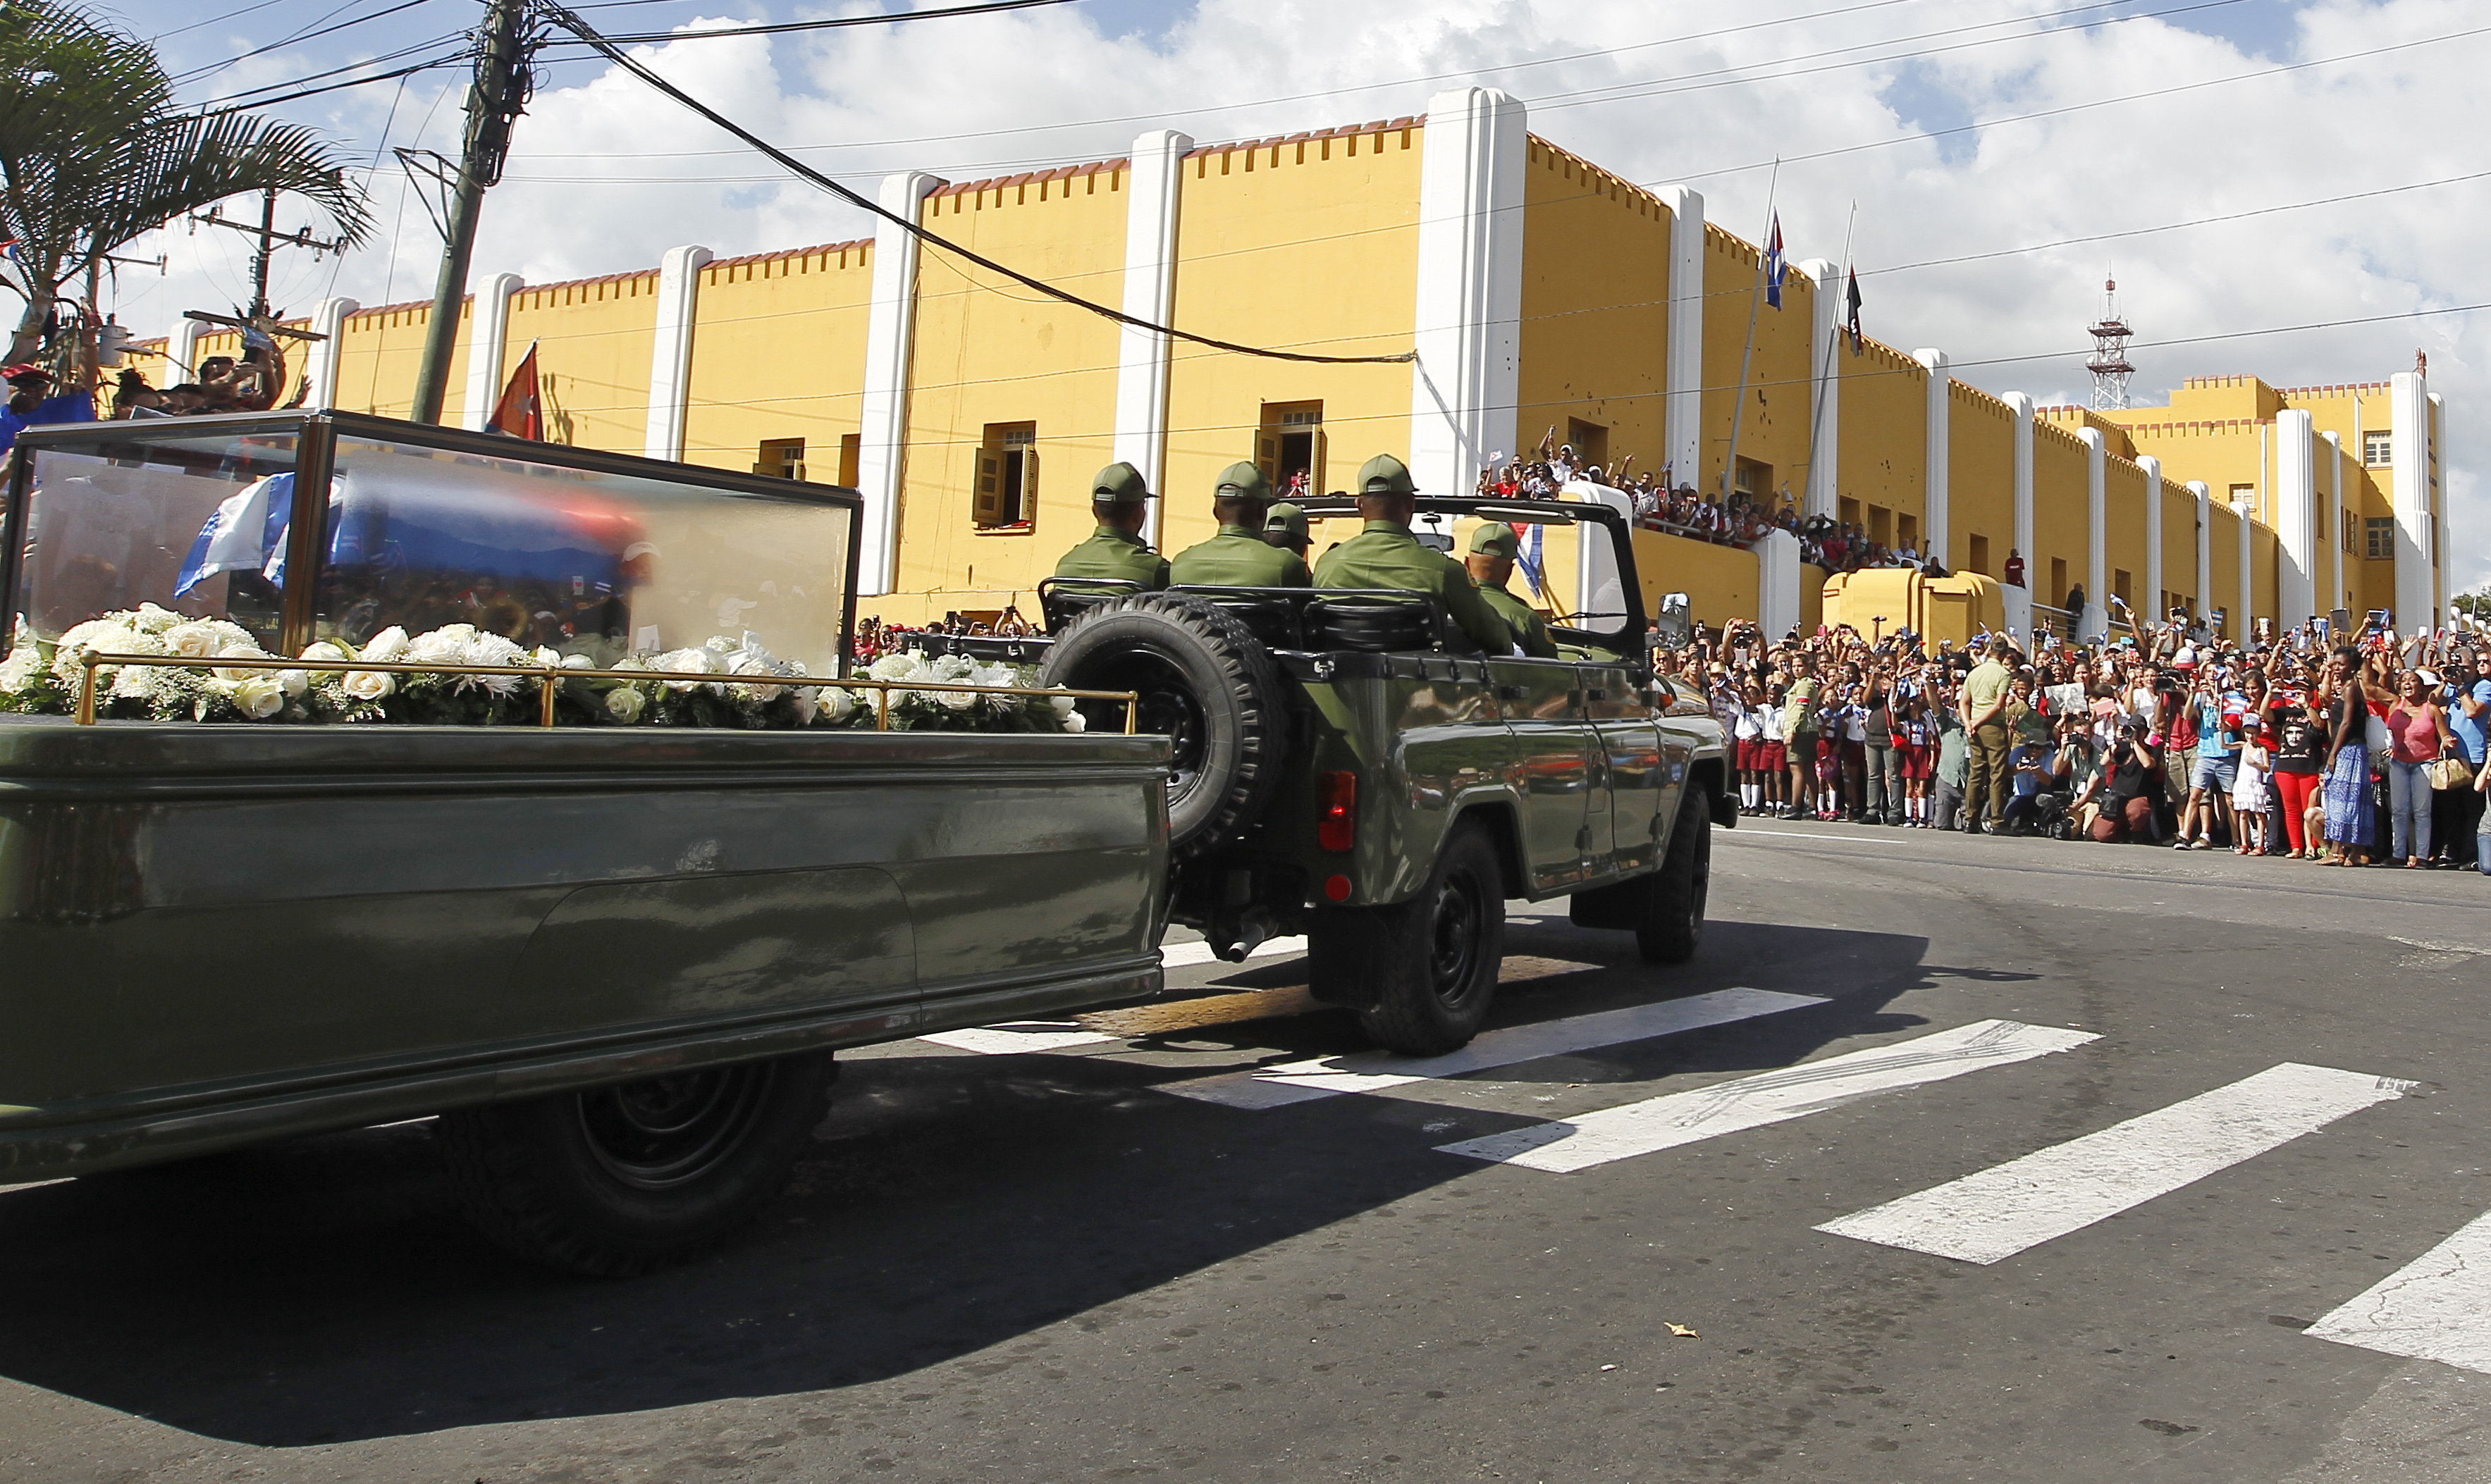 La caravana con las cenizas del fallecido líder de la revolución cubana Fidel Castro pasa frente al cuartel Moncada en la ciudad de Santiago de Cuba. EFE